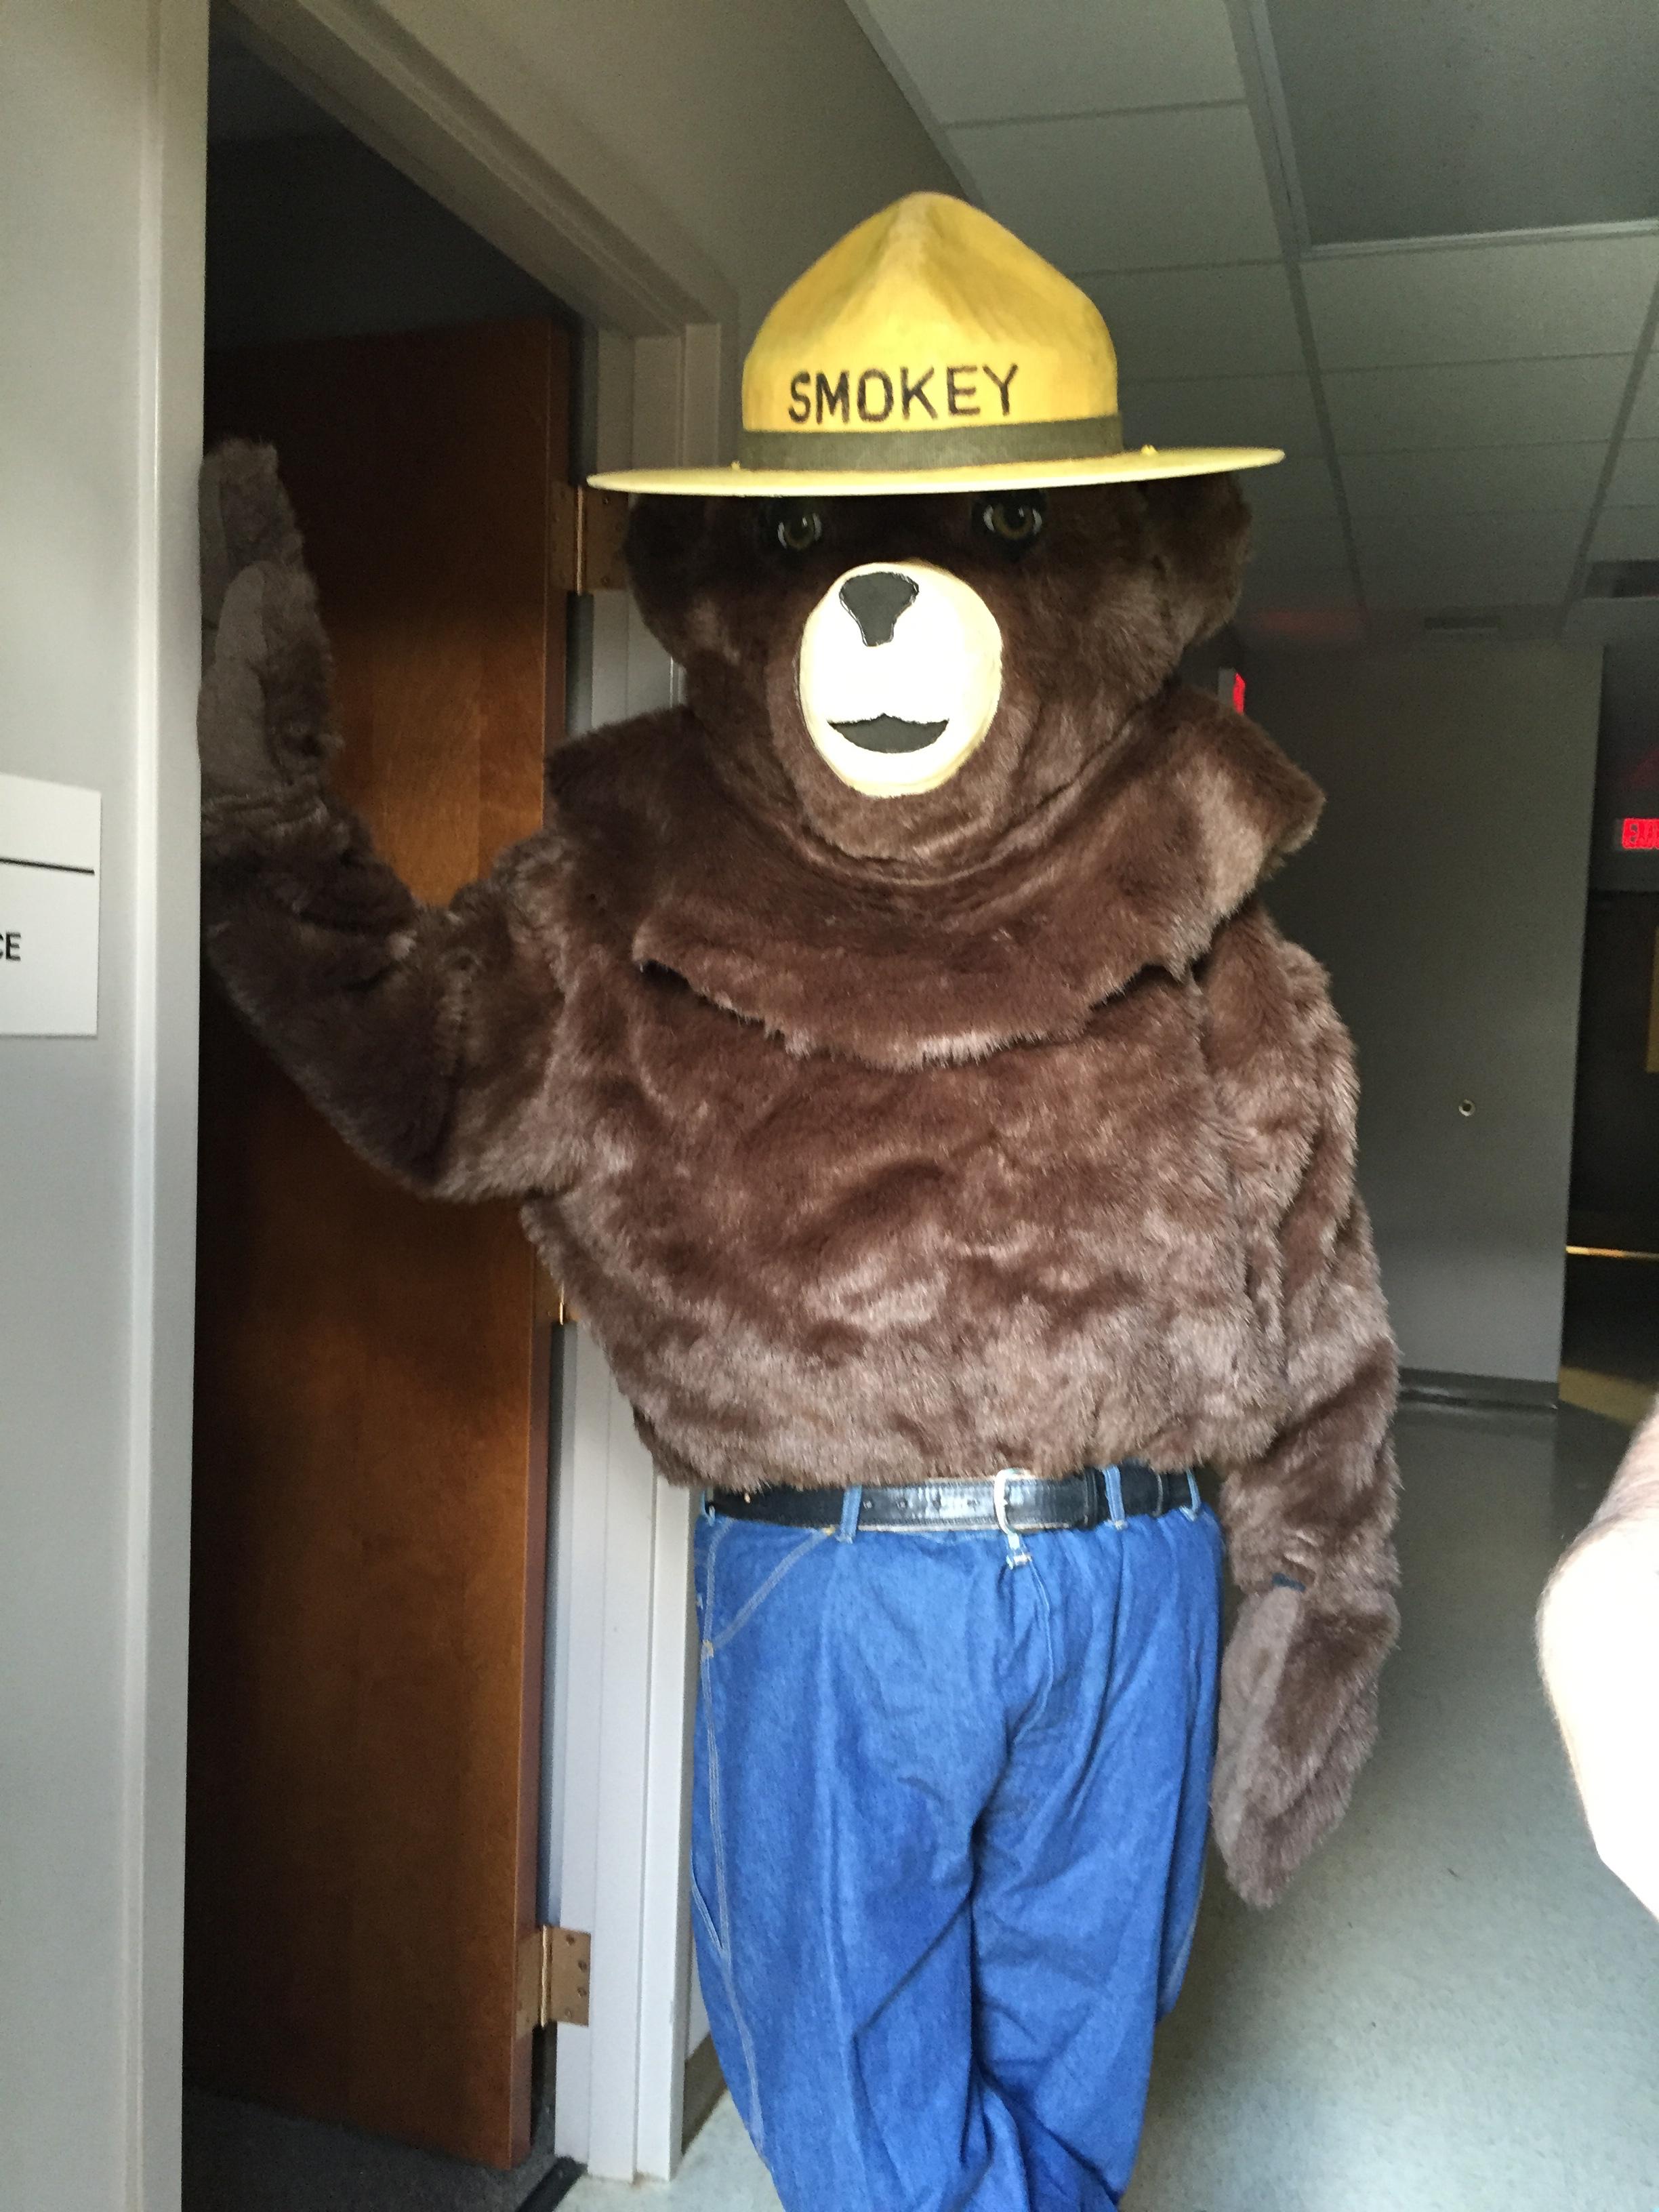 Earth Day Smokie the Bear